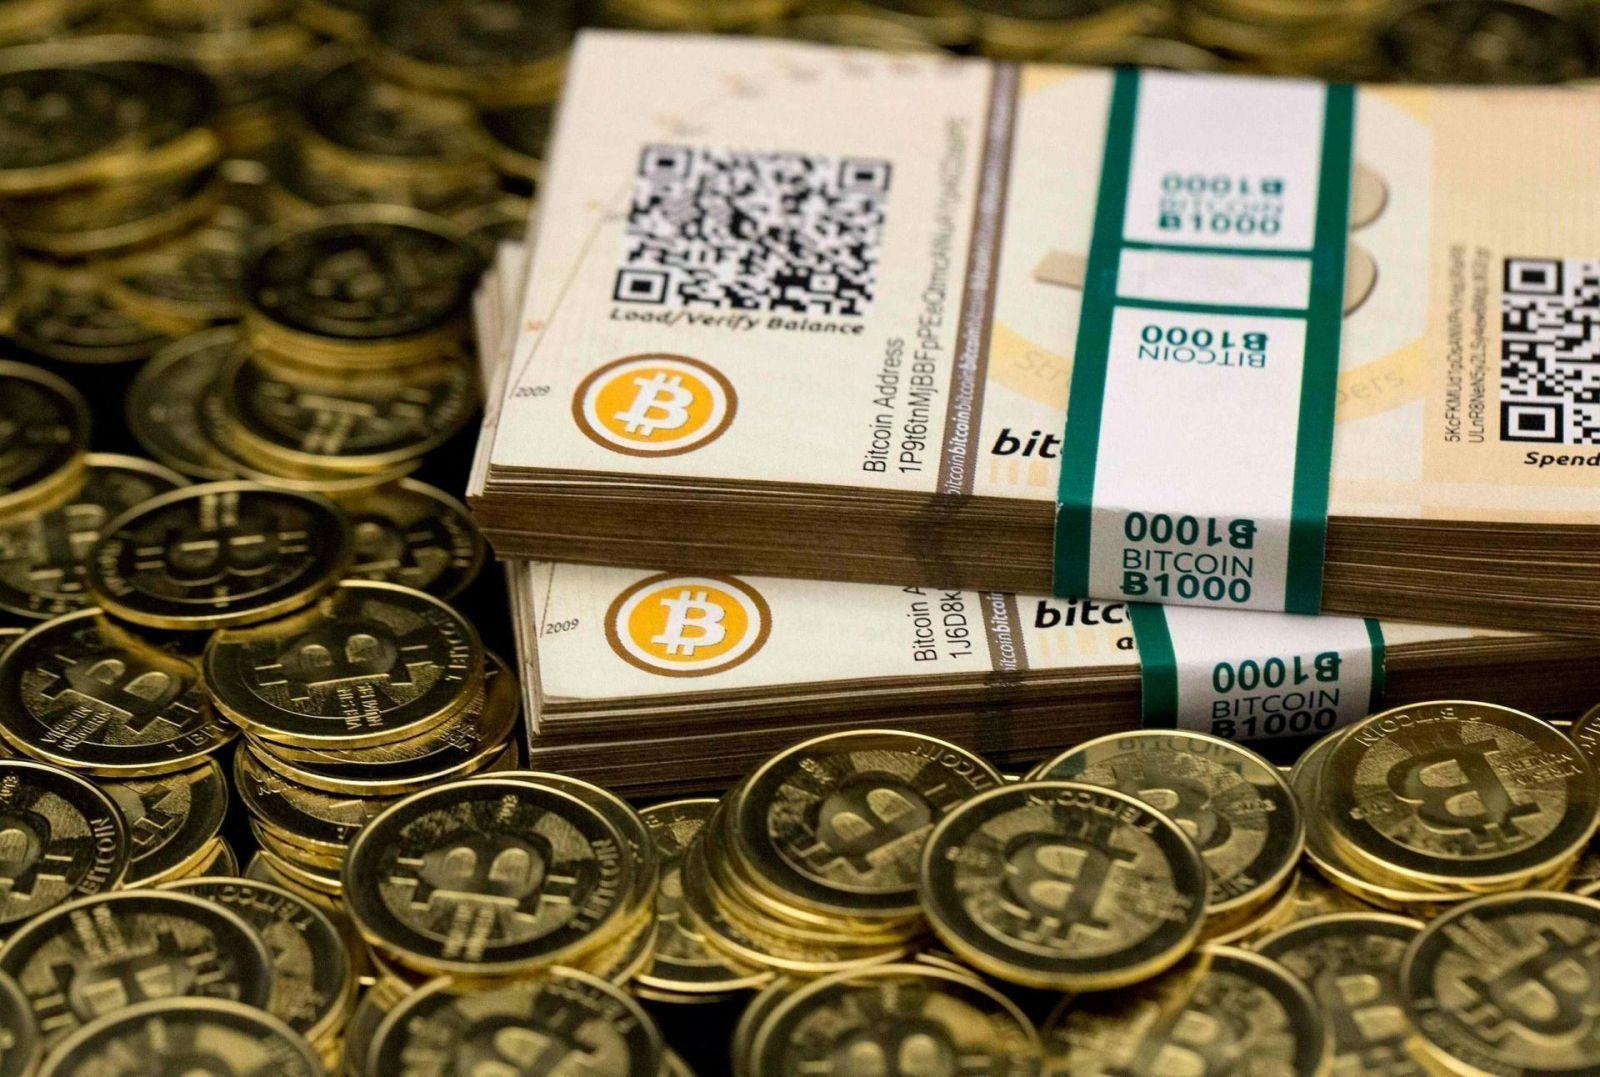 bitcoins - Из-за биткоинов в России возник дефицит видеокарт